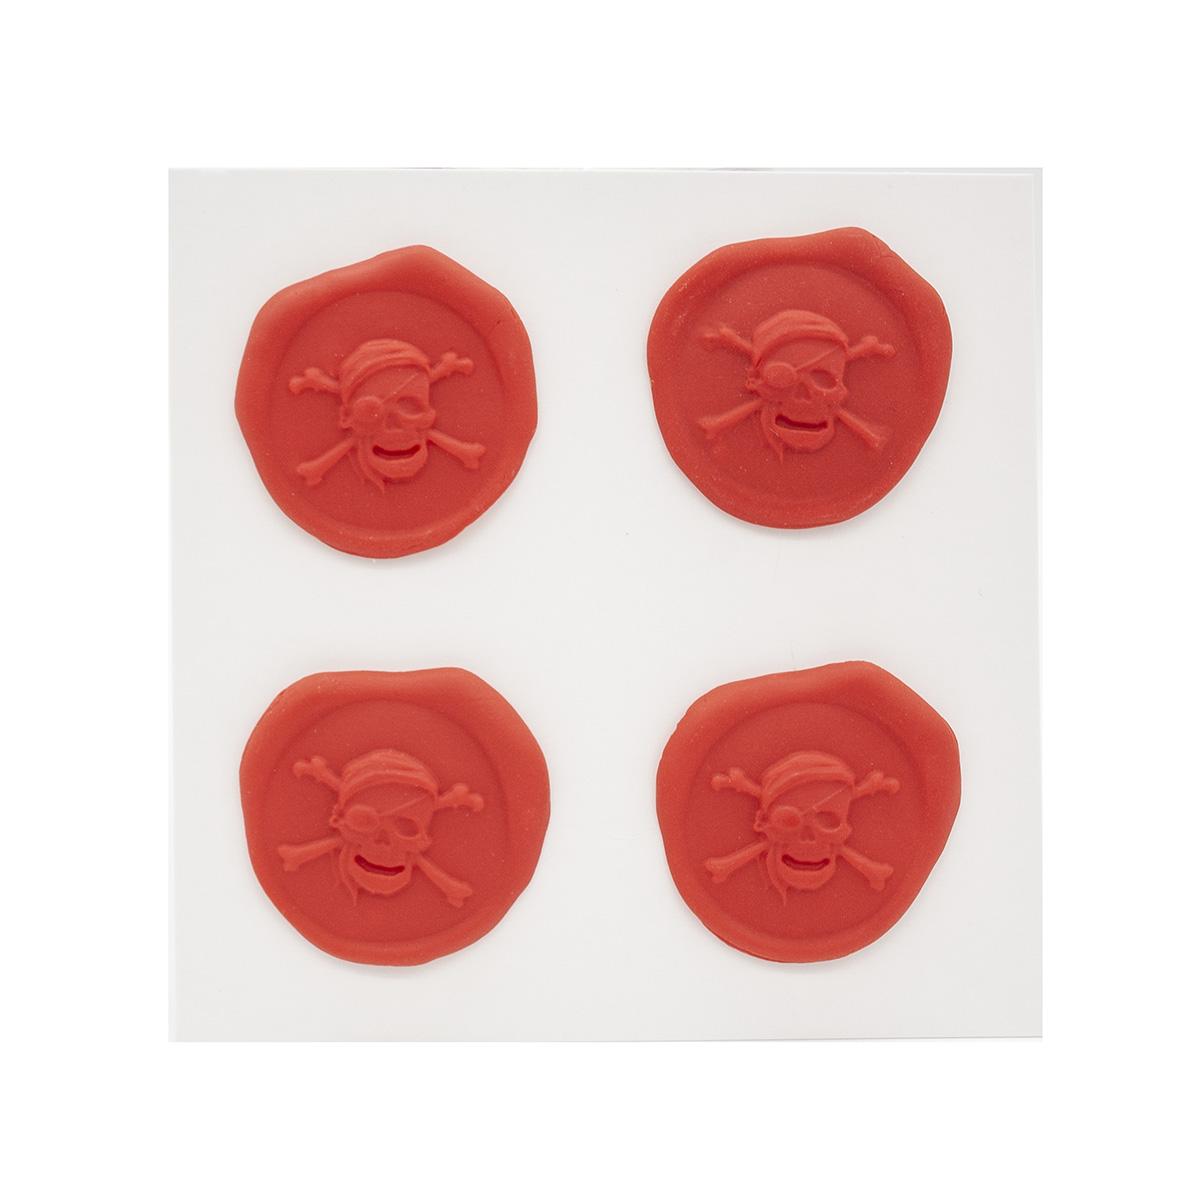 Оттиски печатей из полимерной глины 'Череп и кости' 30*35мм, 4шт/упак Астра